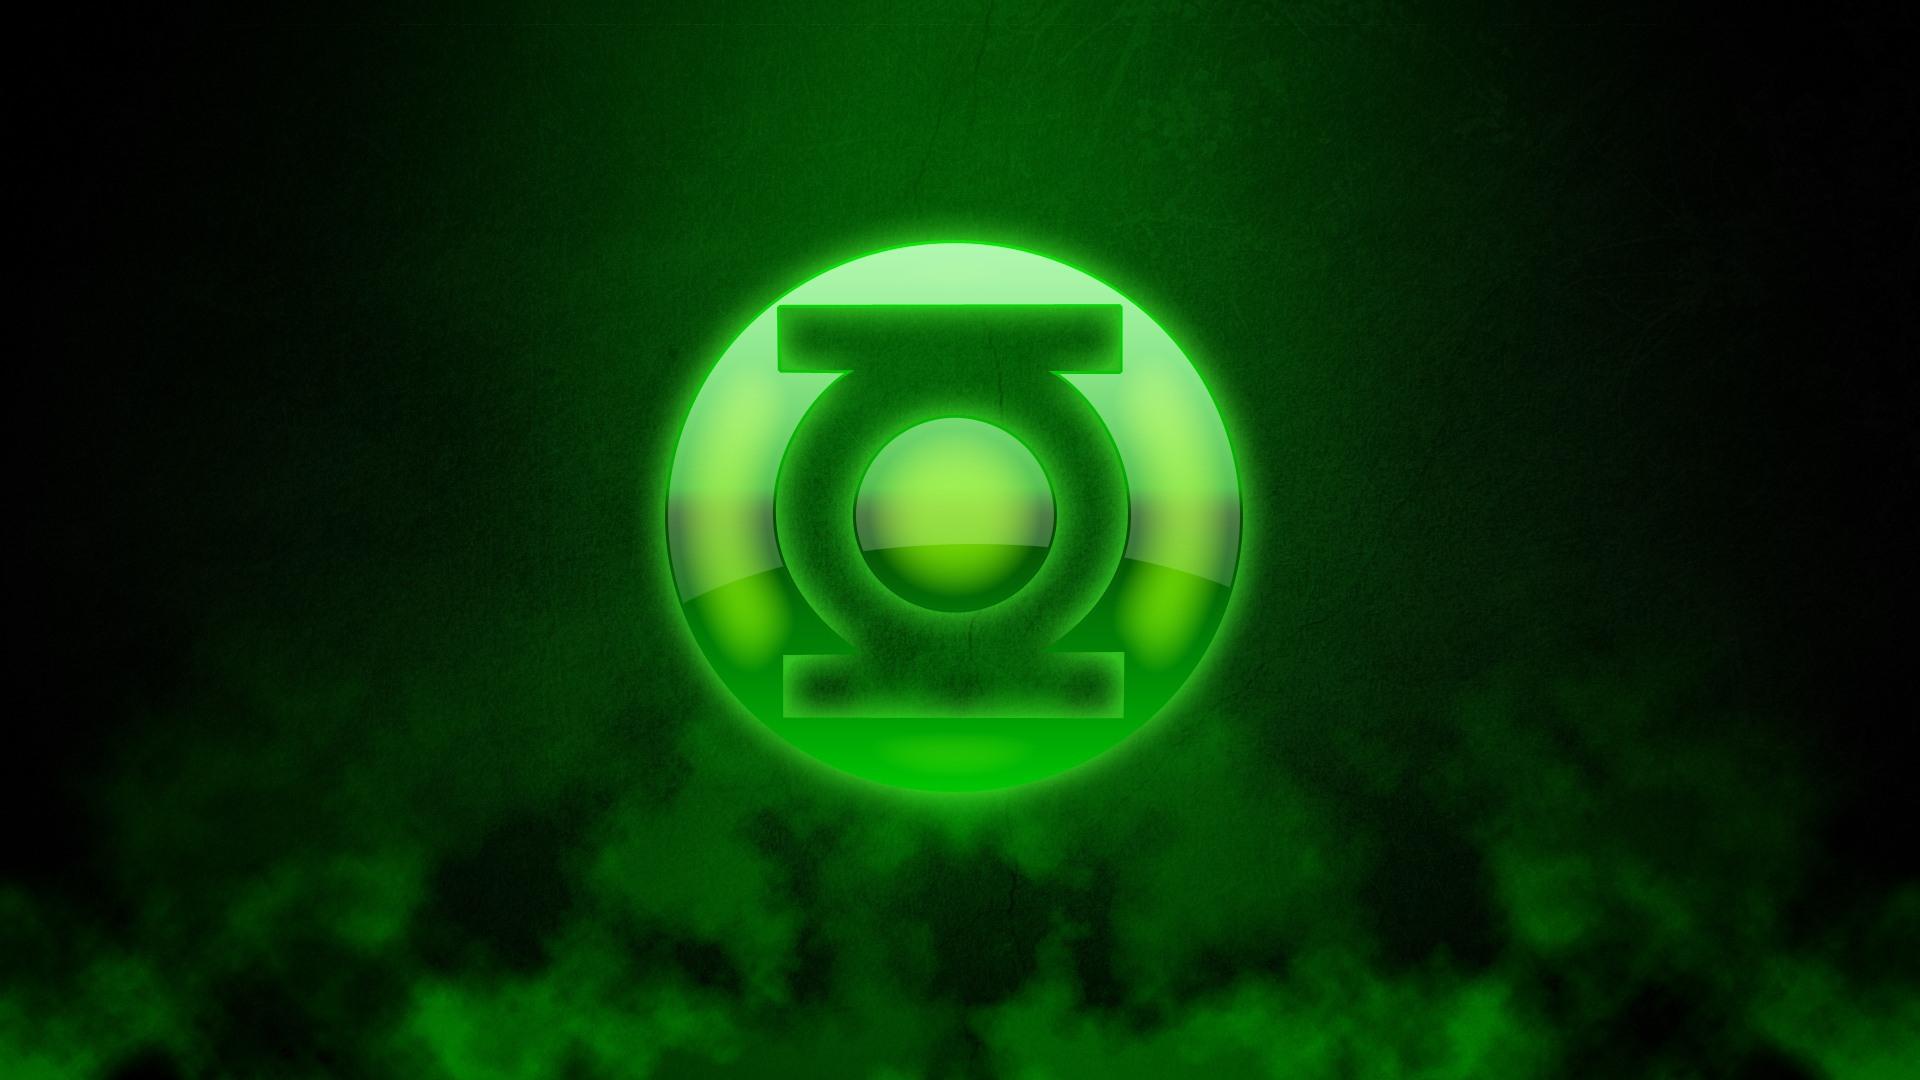 Green Lantern Background